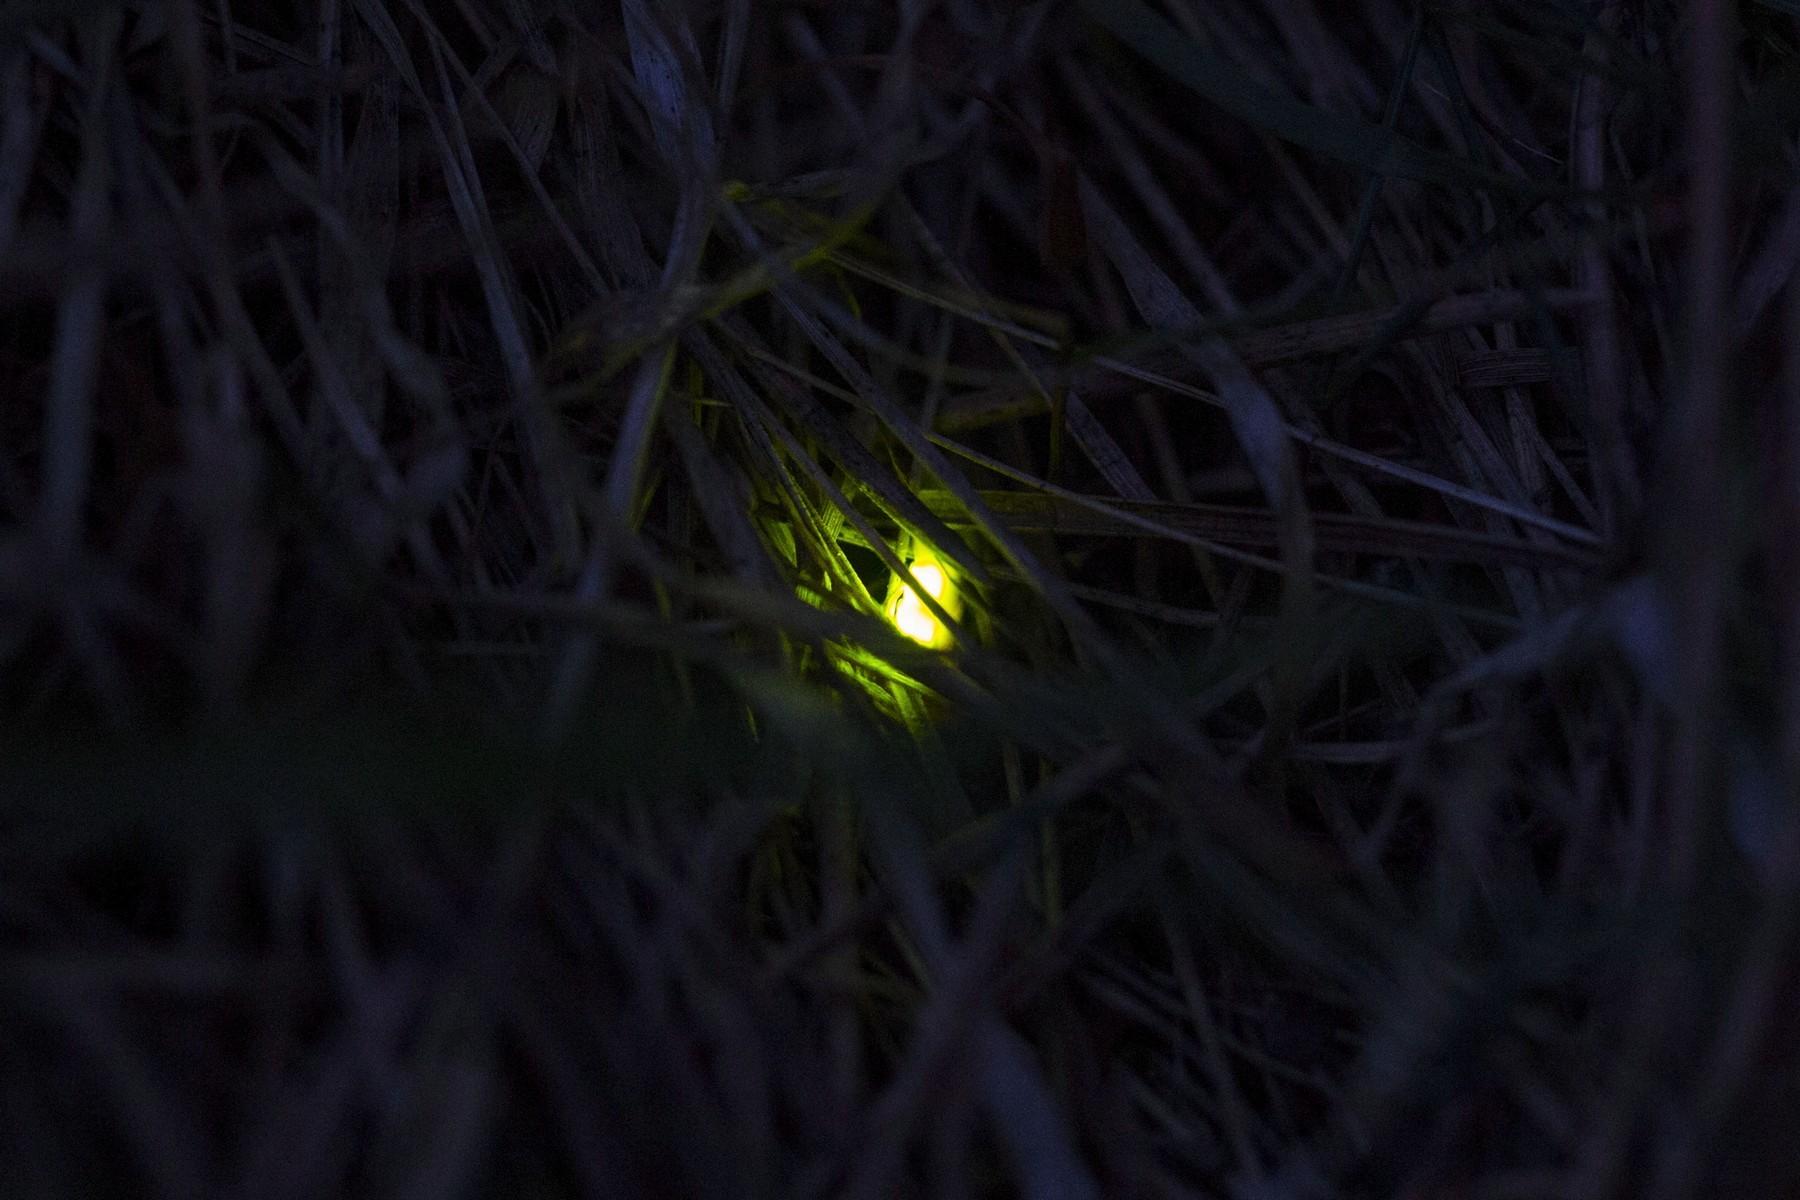 меня картинки светлячки в банке на траве предупредил